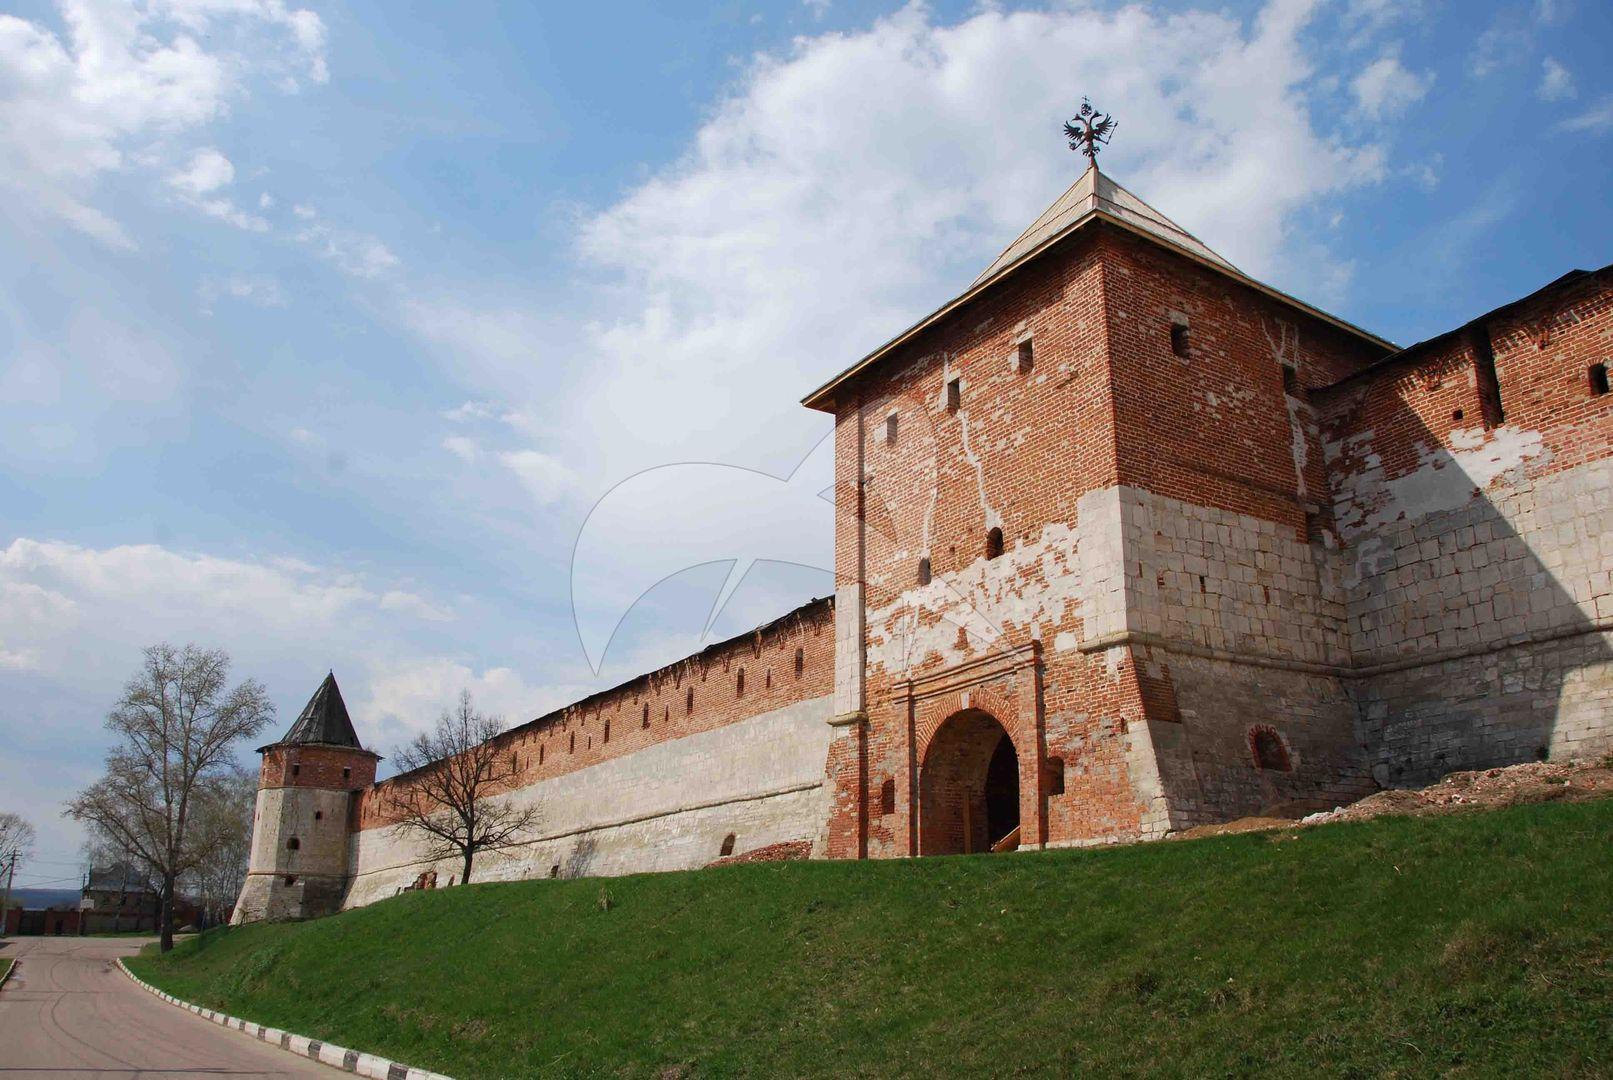 Спасская башня,  1531 г., Ансамбль Зарайского кремля